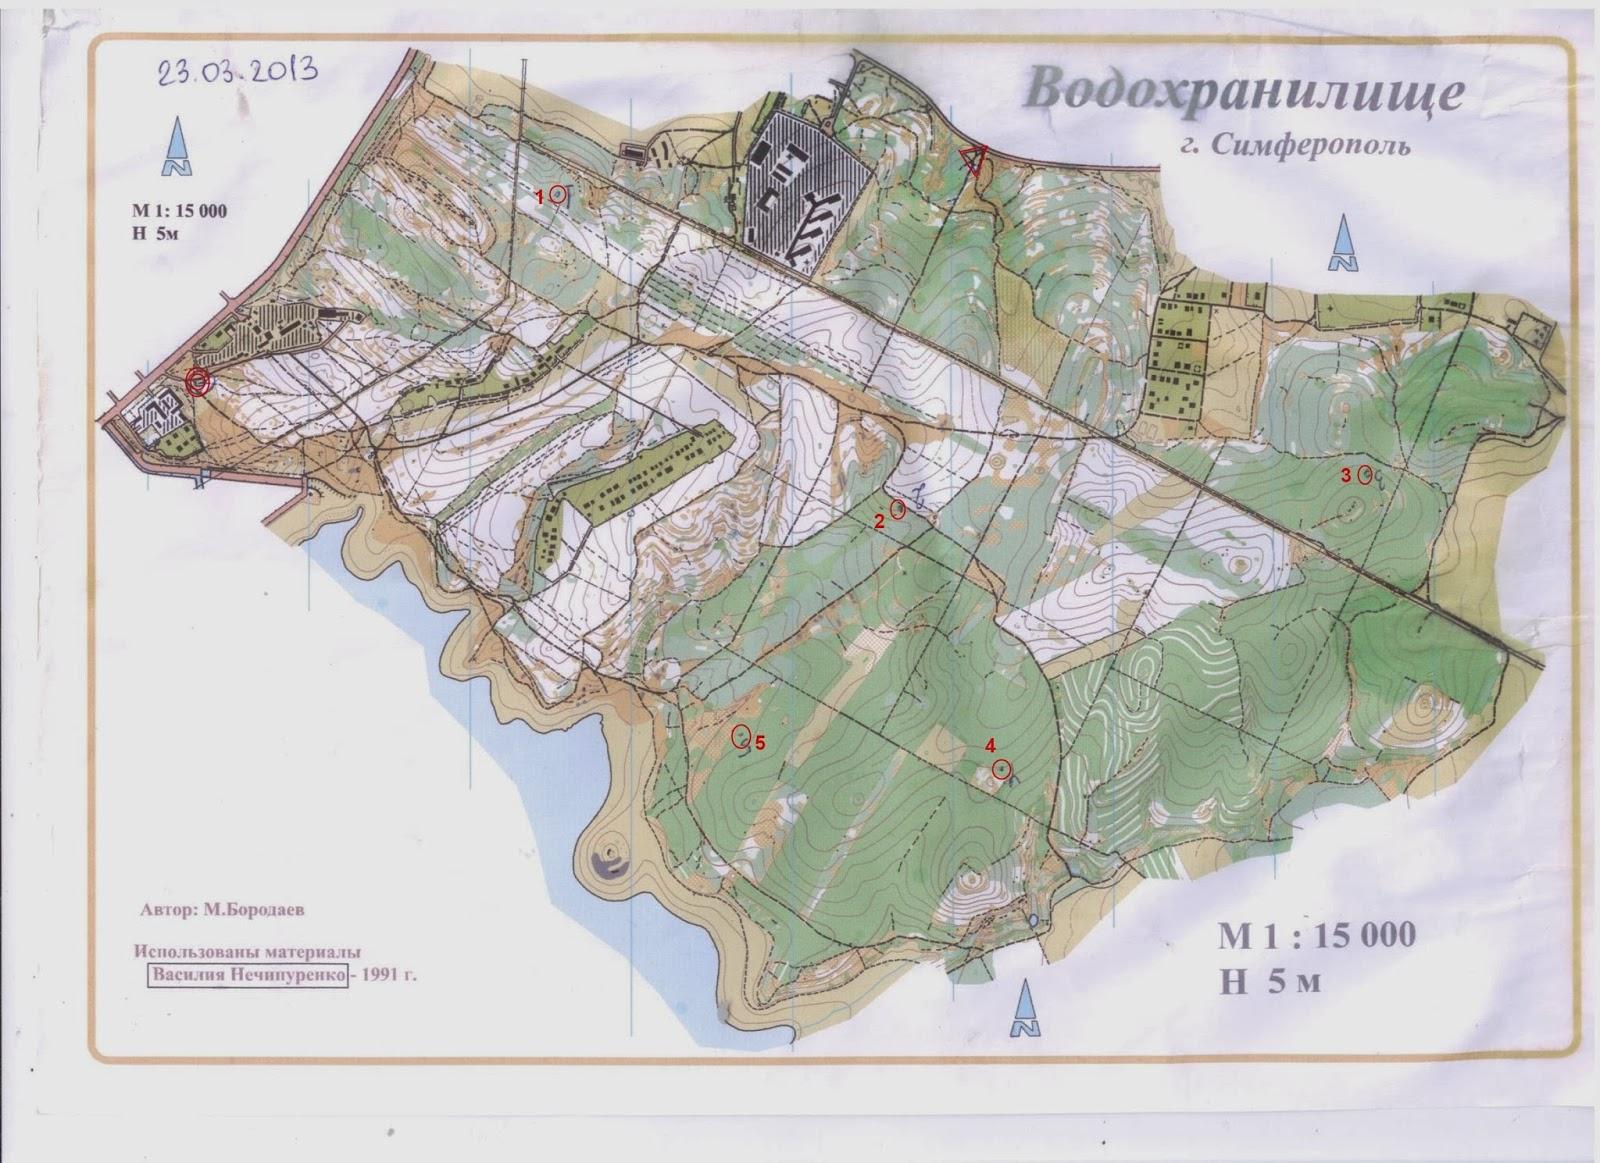 Радиопеленгация (охота на лис, ARDF) и спортивное ориентирование в Виннице и не только. Анализ соревнований